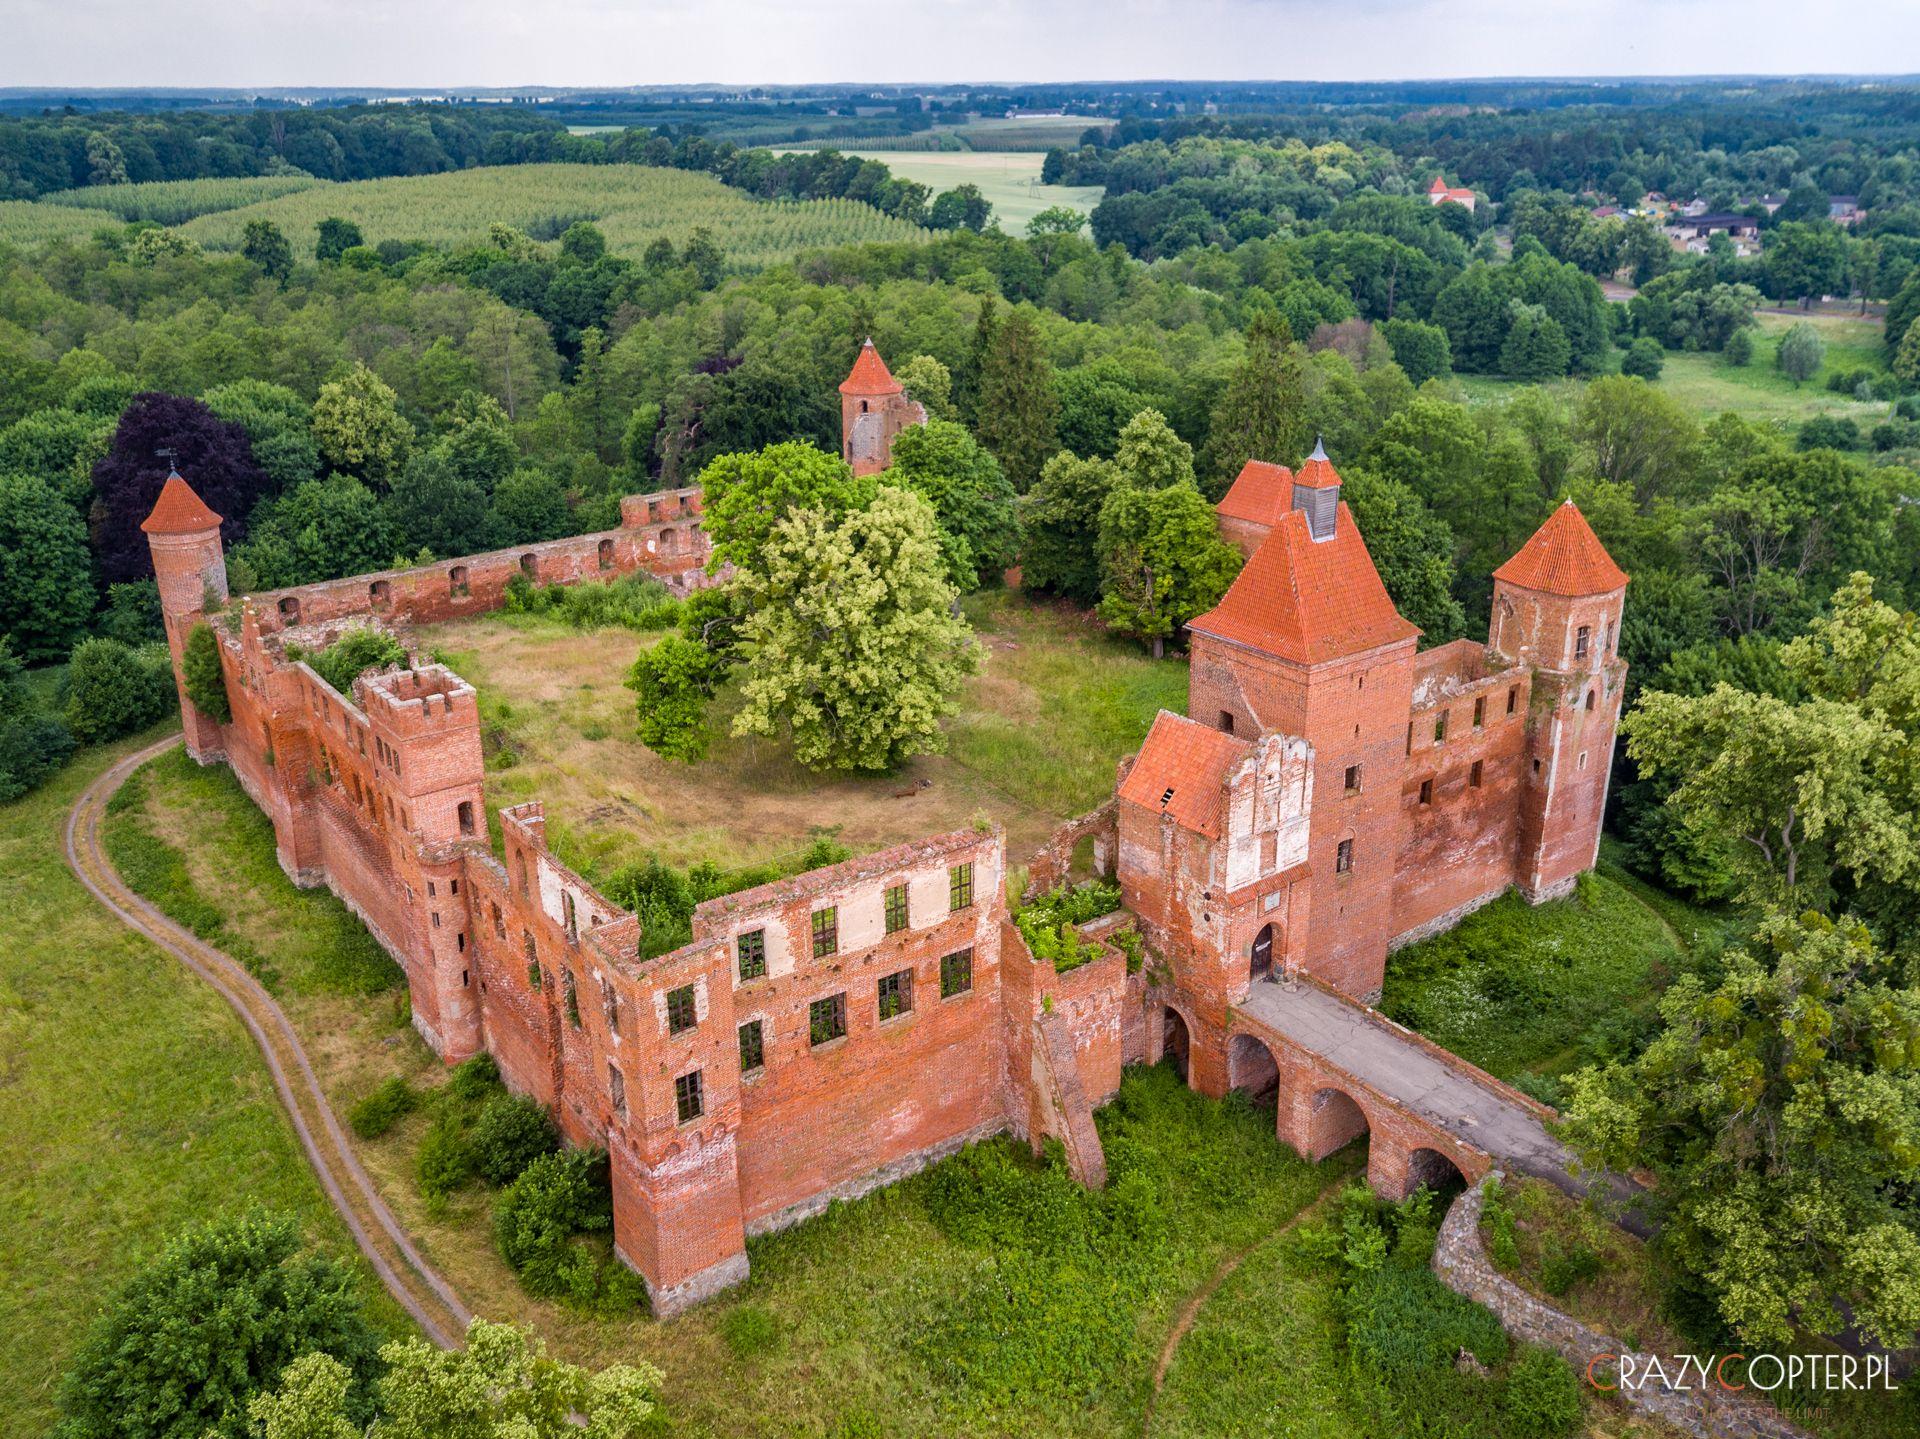 Zamek wSzymbarku - zdjęcie zdrona